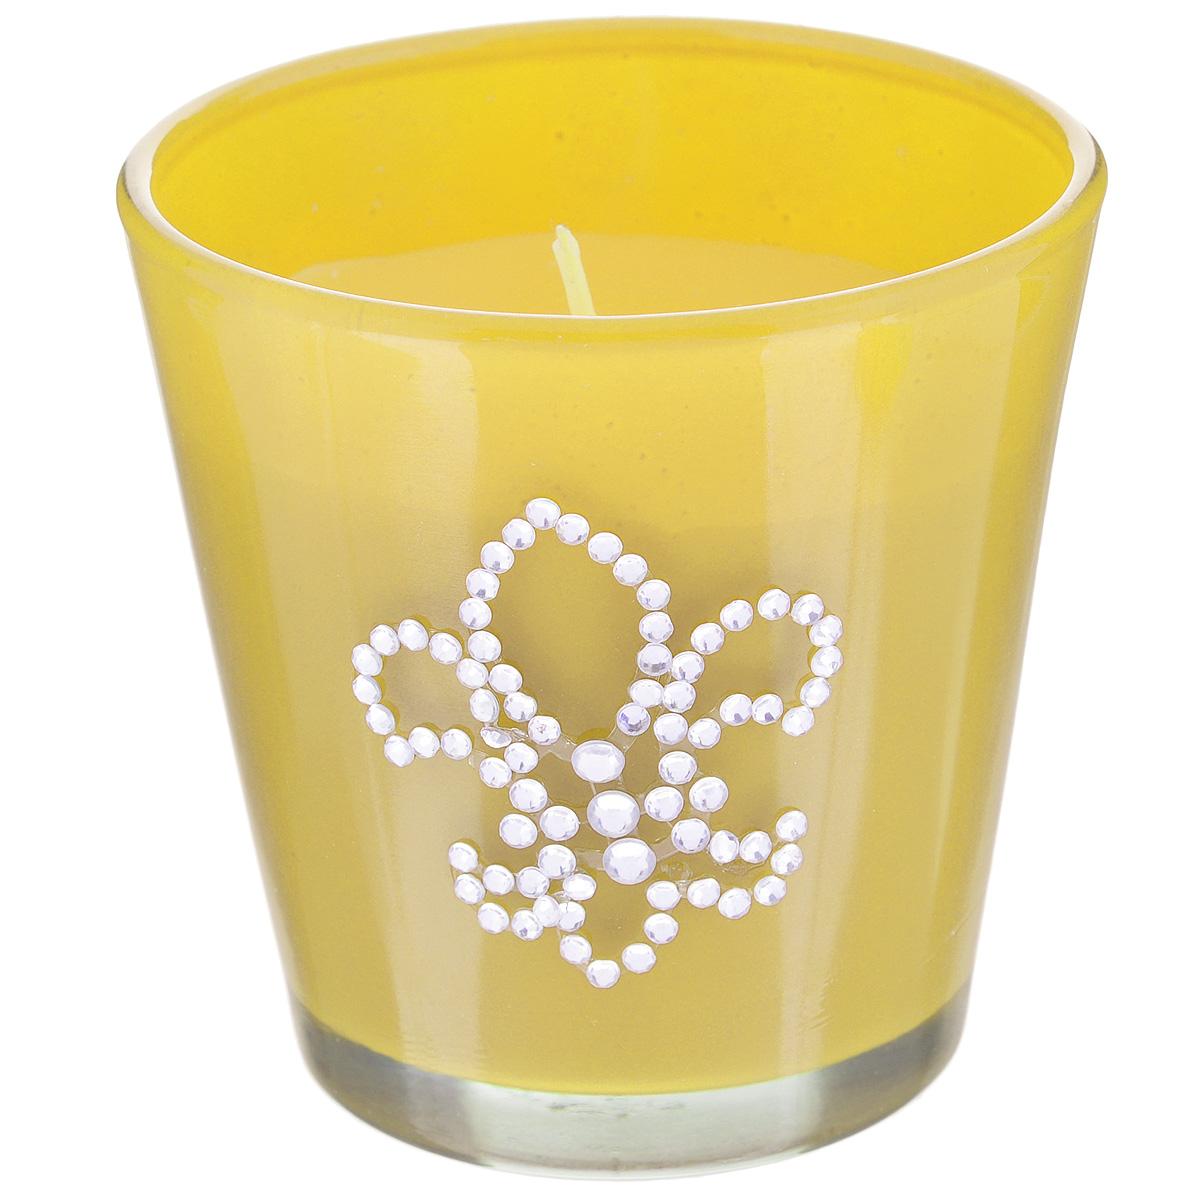 Свеча декоративная Феникс-презент Ананас, ароматизированная32768Оригинальная ароматизированная свеча Феникс-презент Ананас, изготовленная из парафина, помещена в стакан из матового стекла, декорированный стразами. Свеча наполнит вашу комнату приятным фруктовым ароматом и создаст в ней уютную атмосферу. Вы можете поставить свечу в любом месте, где она будет удачно смотреться и радовать глаз. Кроме того, эта свеча - отличный вариант подарка для ваших близких и друзей.